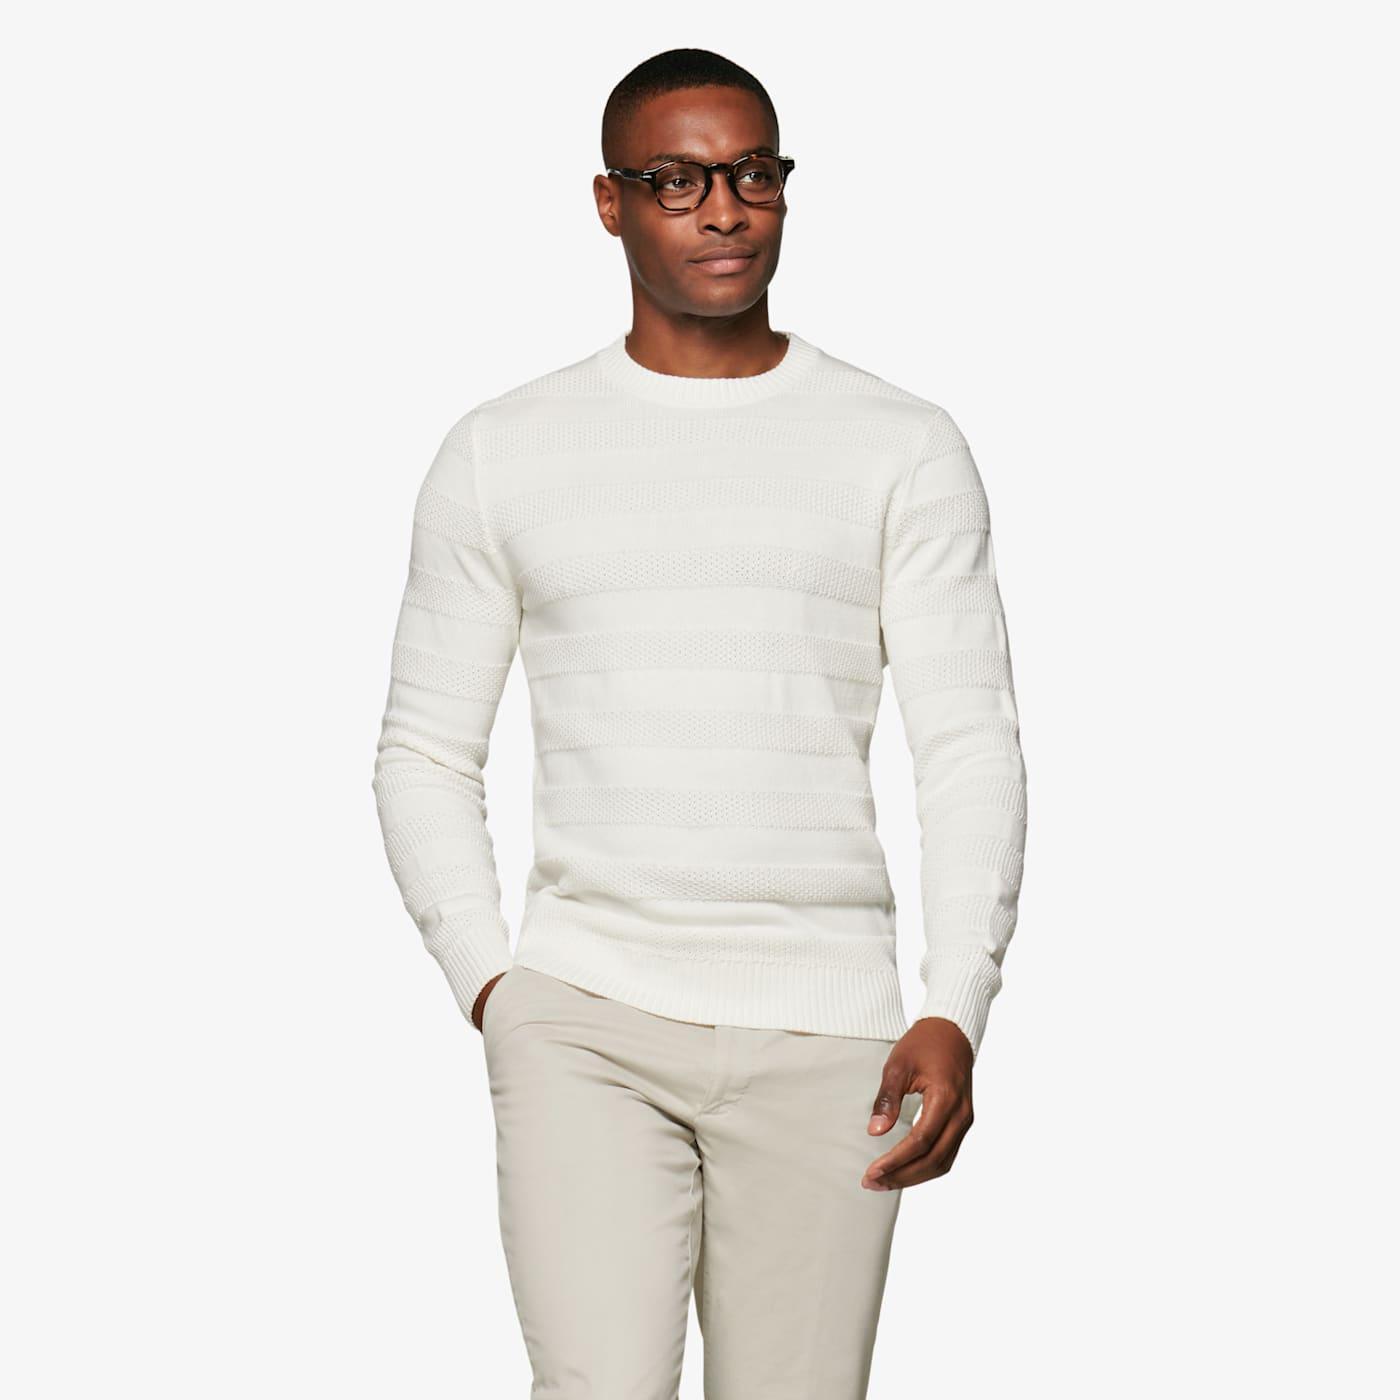 Artikel klicken und genauer betrachten! - Dieser Sweater in Off-White sorgt mit seinen kräftigen, texturierten Streifen für einen besonders edlen Style. In bequemem Slim Fit aus purer, atmungsaktiver Baumwolle gefertigt, mit geripptem Rundhals-Kragen. | im Online Shop kaufen